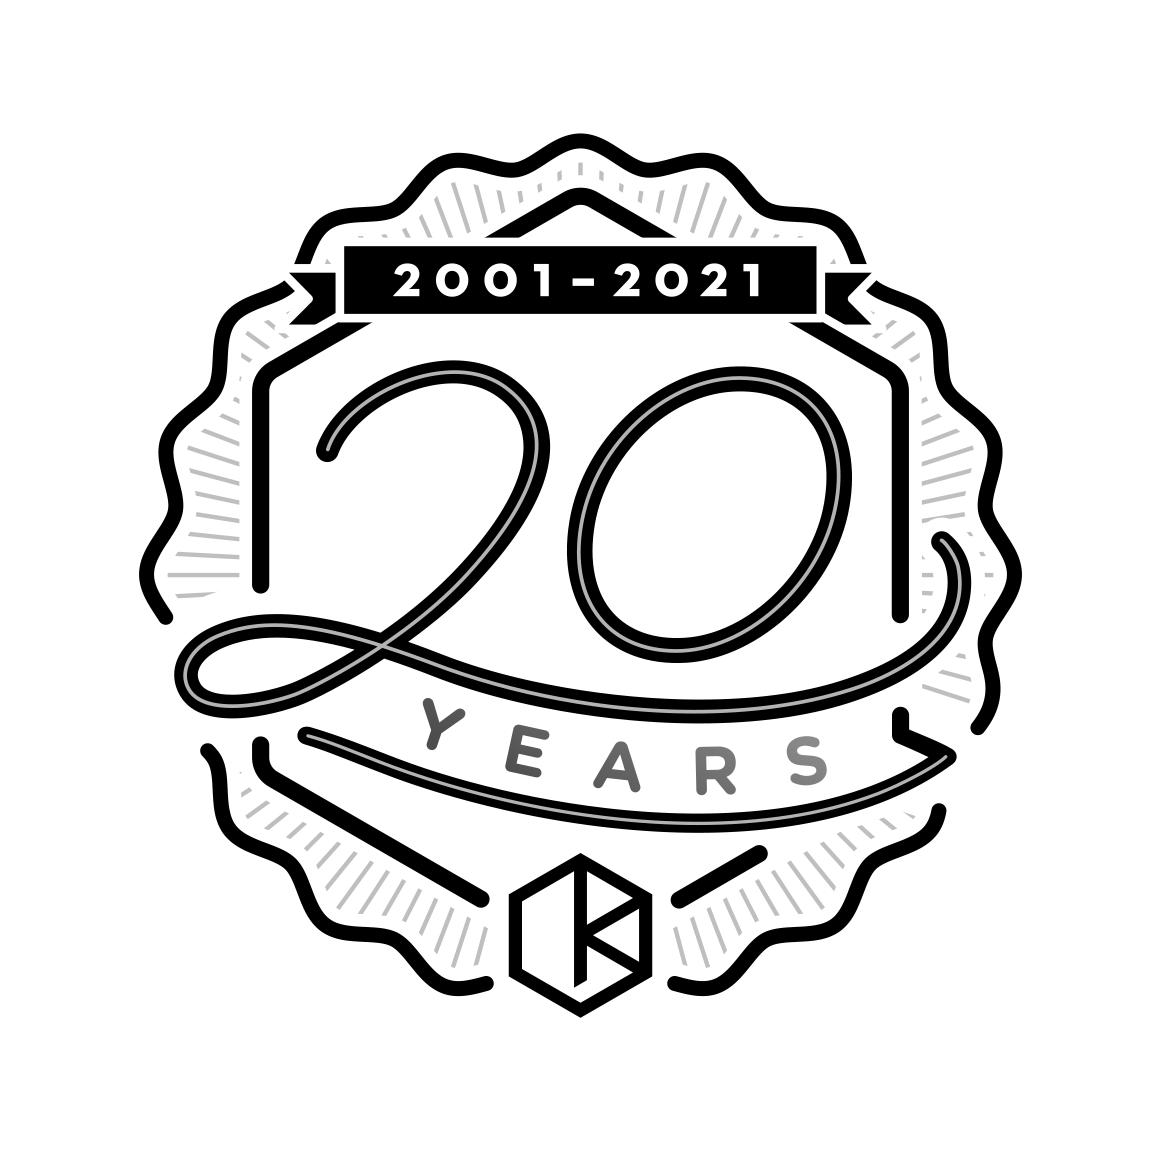 20th KDD Logo C logo design by logo designer Kessler Digital Design